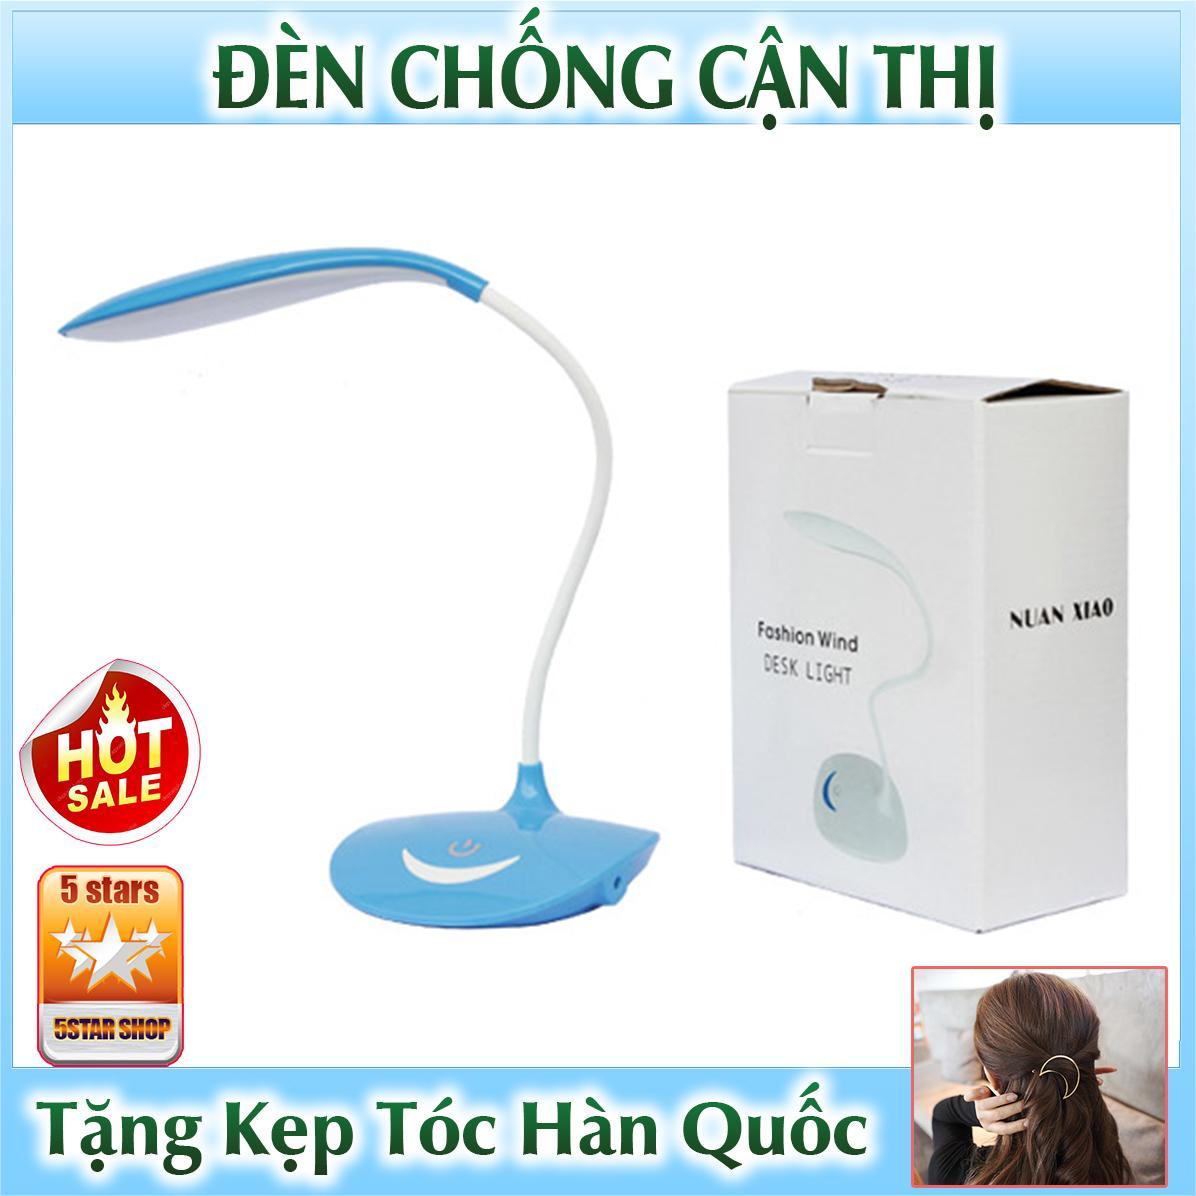 Đèn Học Led Chống Cận Thị Để Bàn Cảm Ứng Có Tích Điện - Tặng Kẹp Tóc Hàn Quốc (DEN.NUAN)